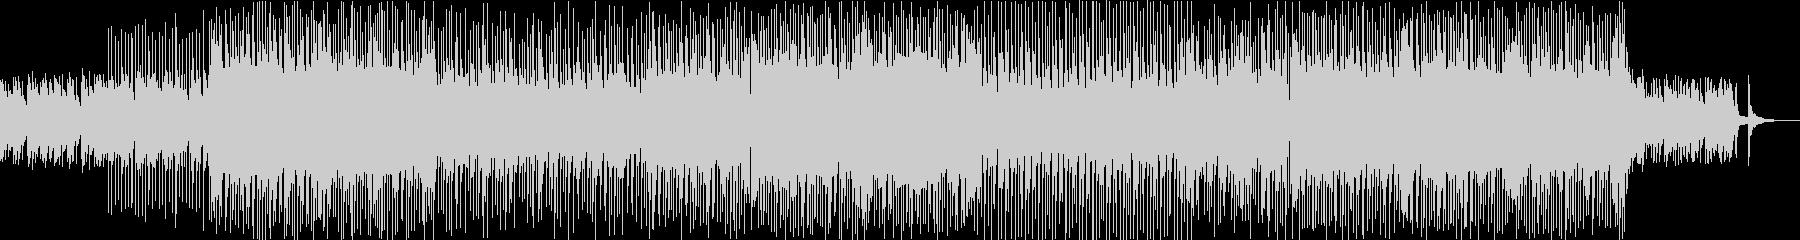 生アコギ/明るい/爽やか/ピアノBGM3の未再生の波形